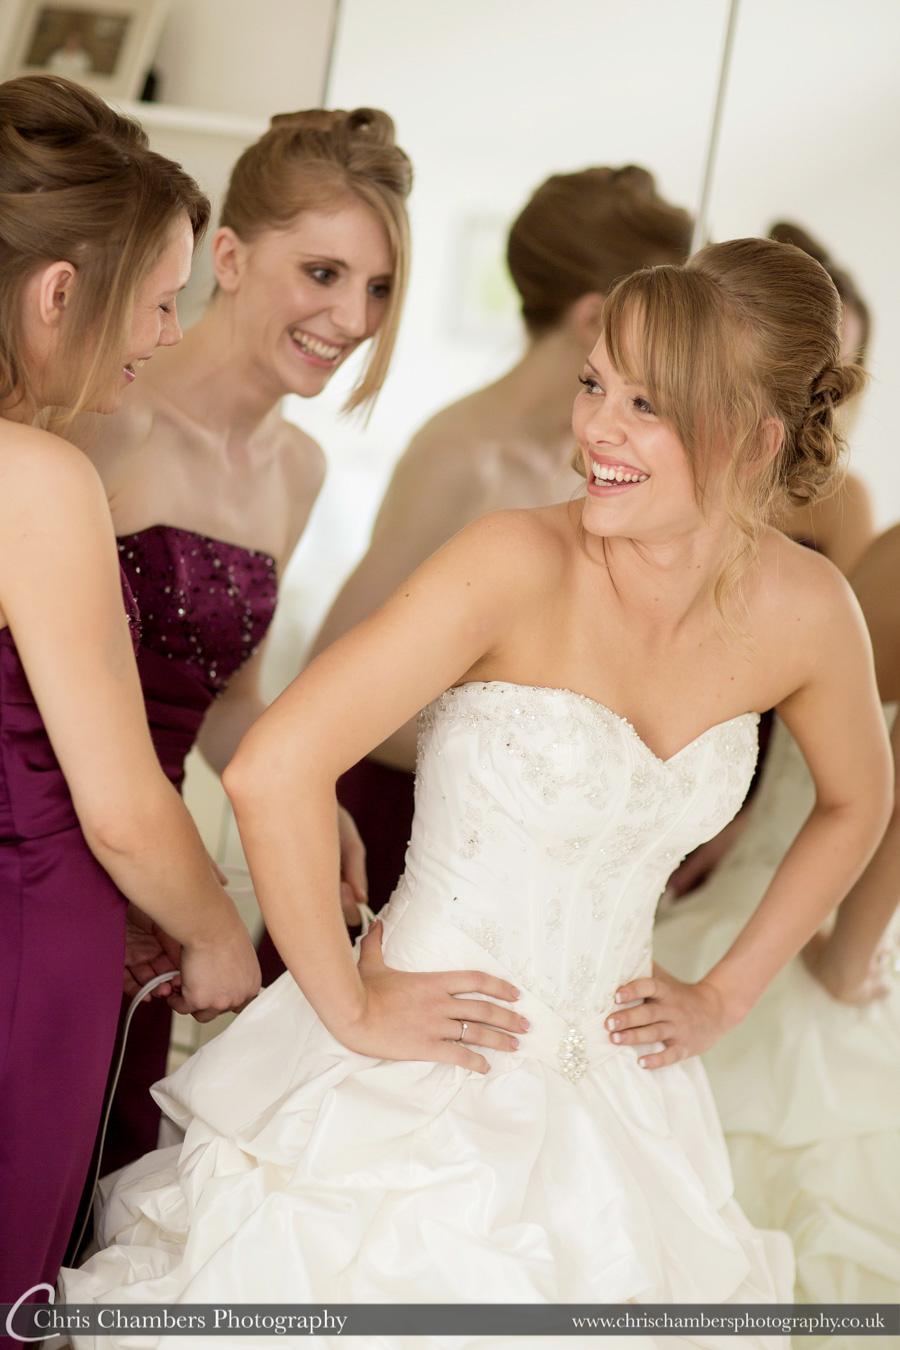 Bridal makeup wedding photographer | Bridal wedding photography | Award winning wedding photographer | Yorkshire wedding photographs | Hazlewood Castle wedding photography | Allerton Castle wedding photographer